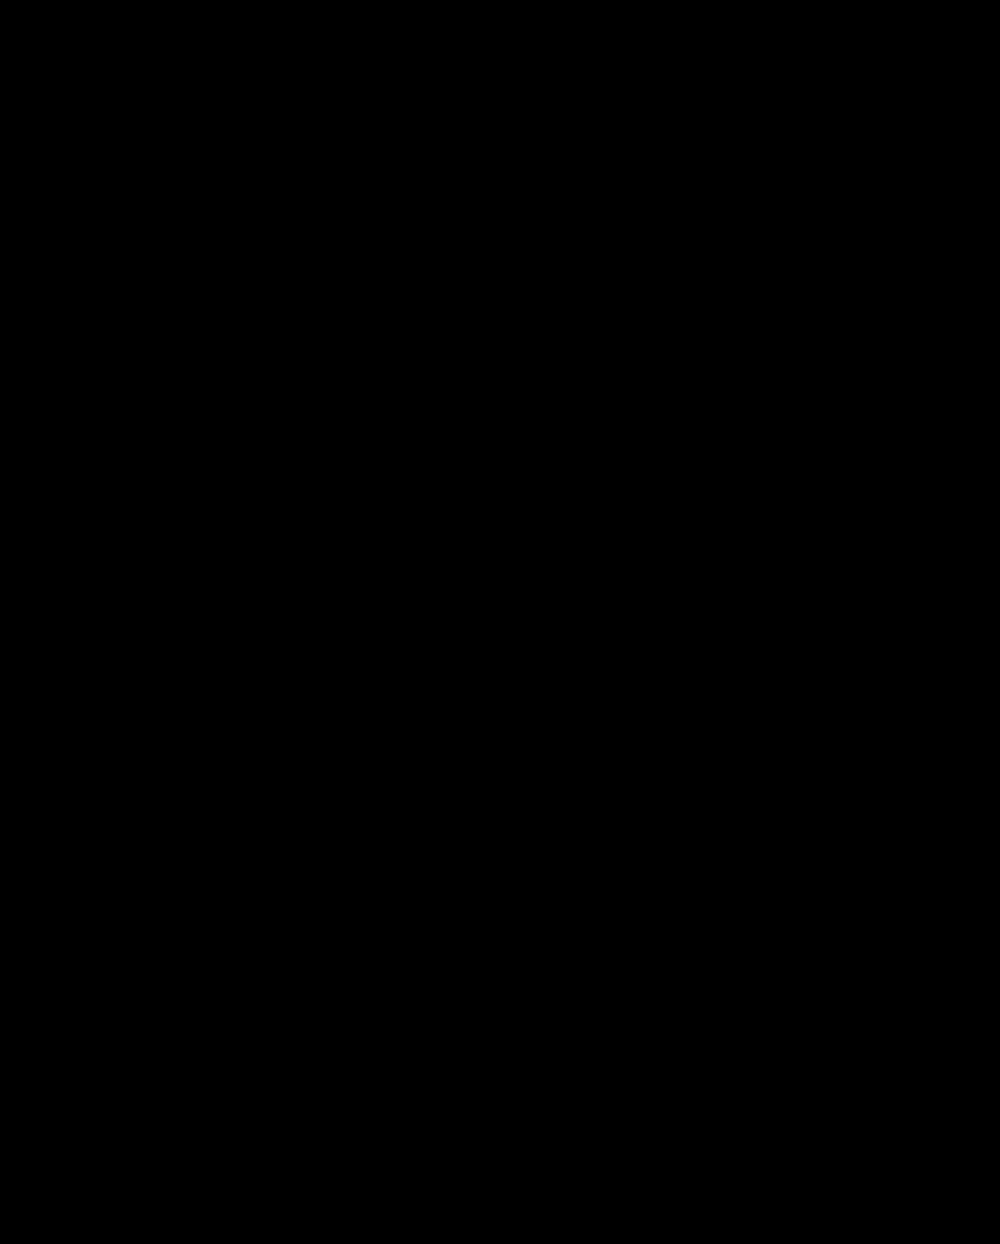 004 - Ragnar logo.png